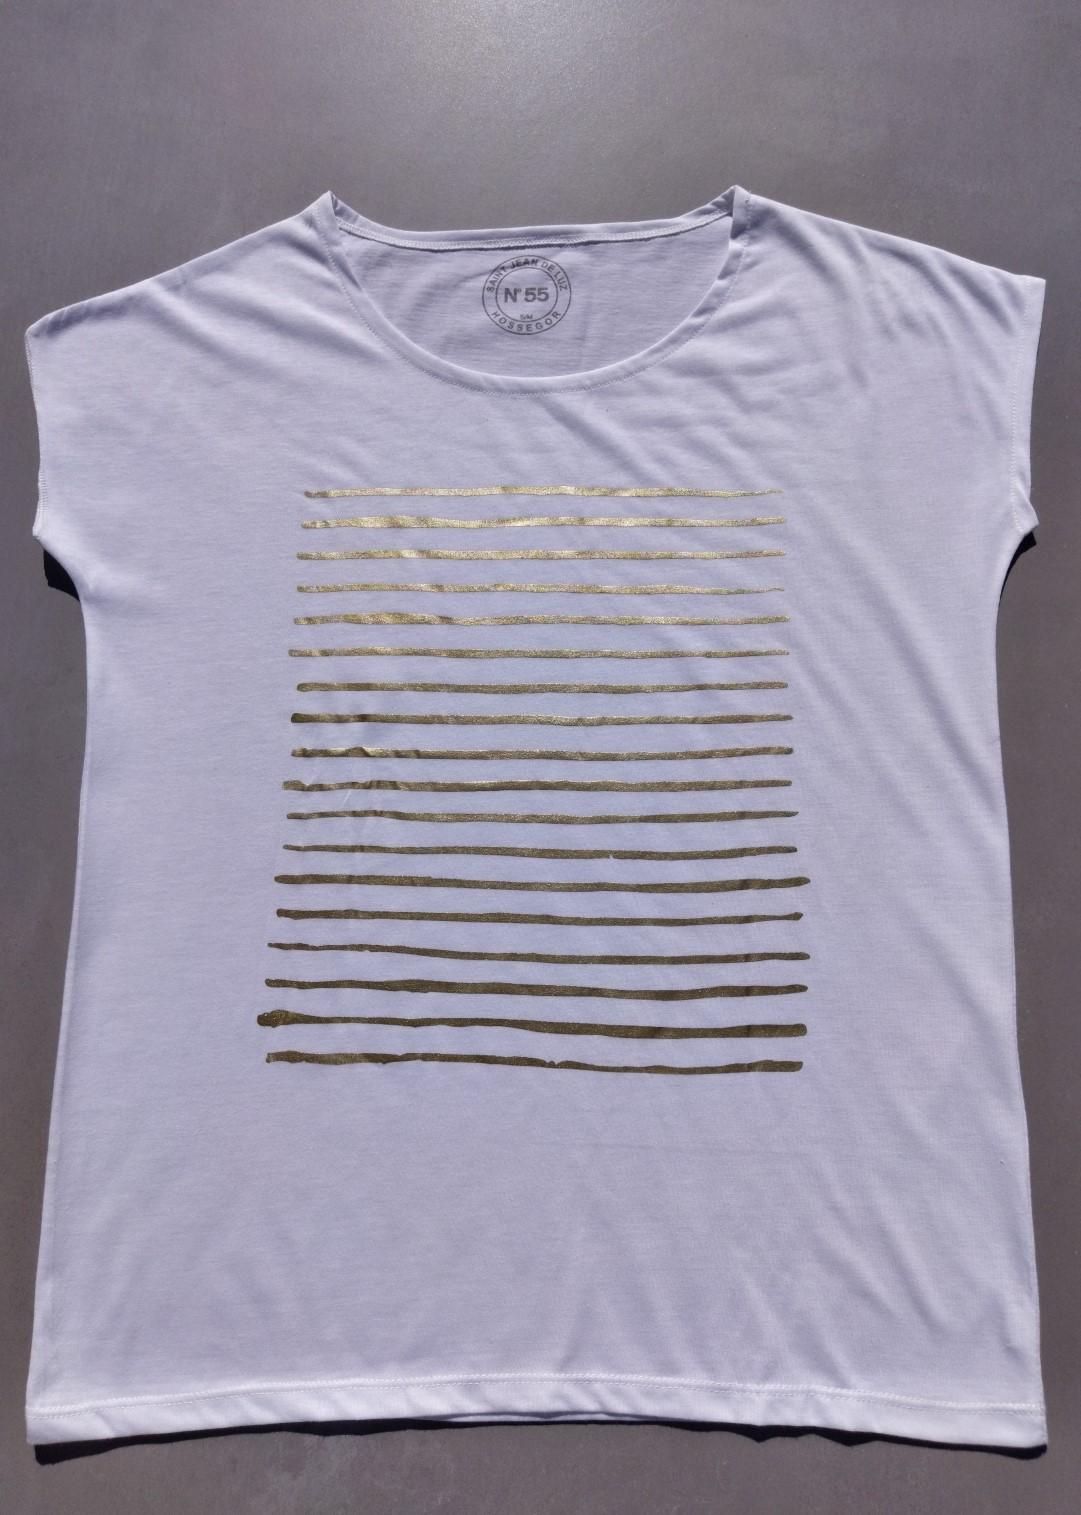 Tee shirt blanc N°55 marinière or.